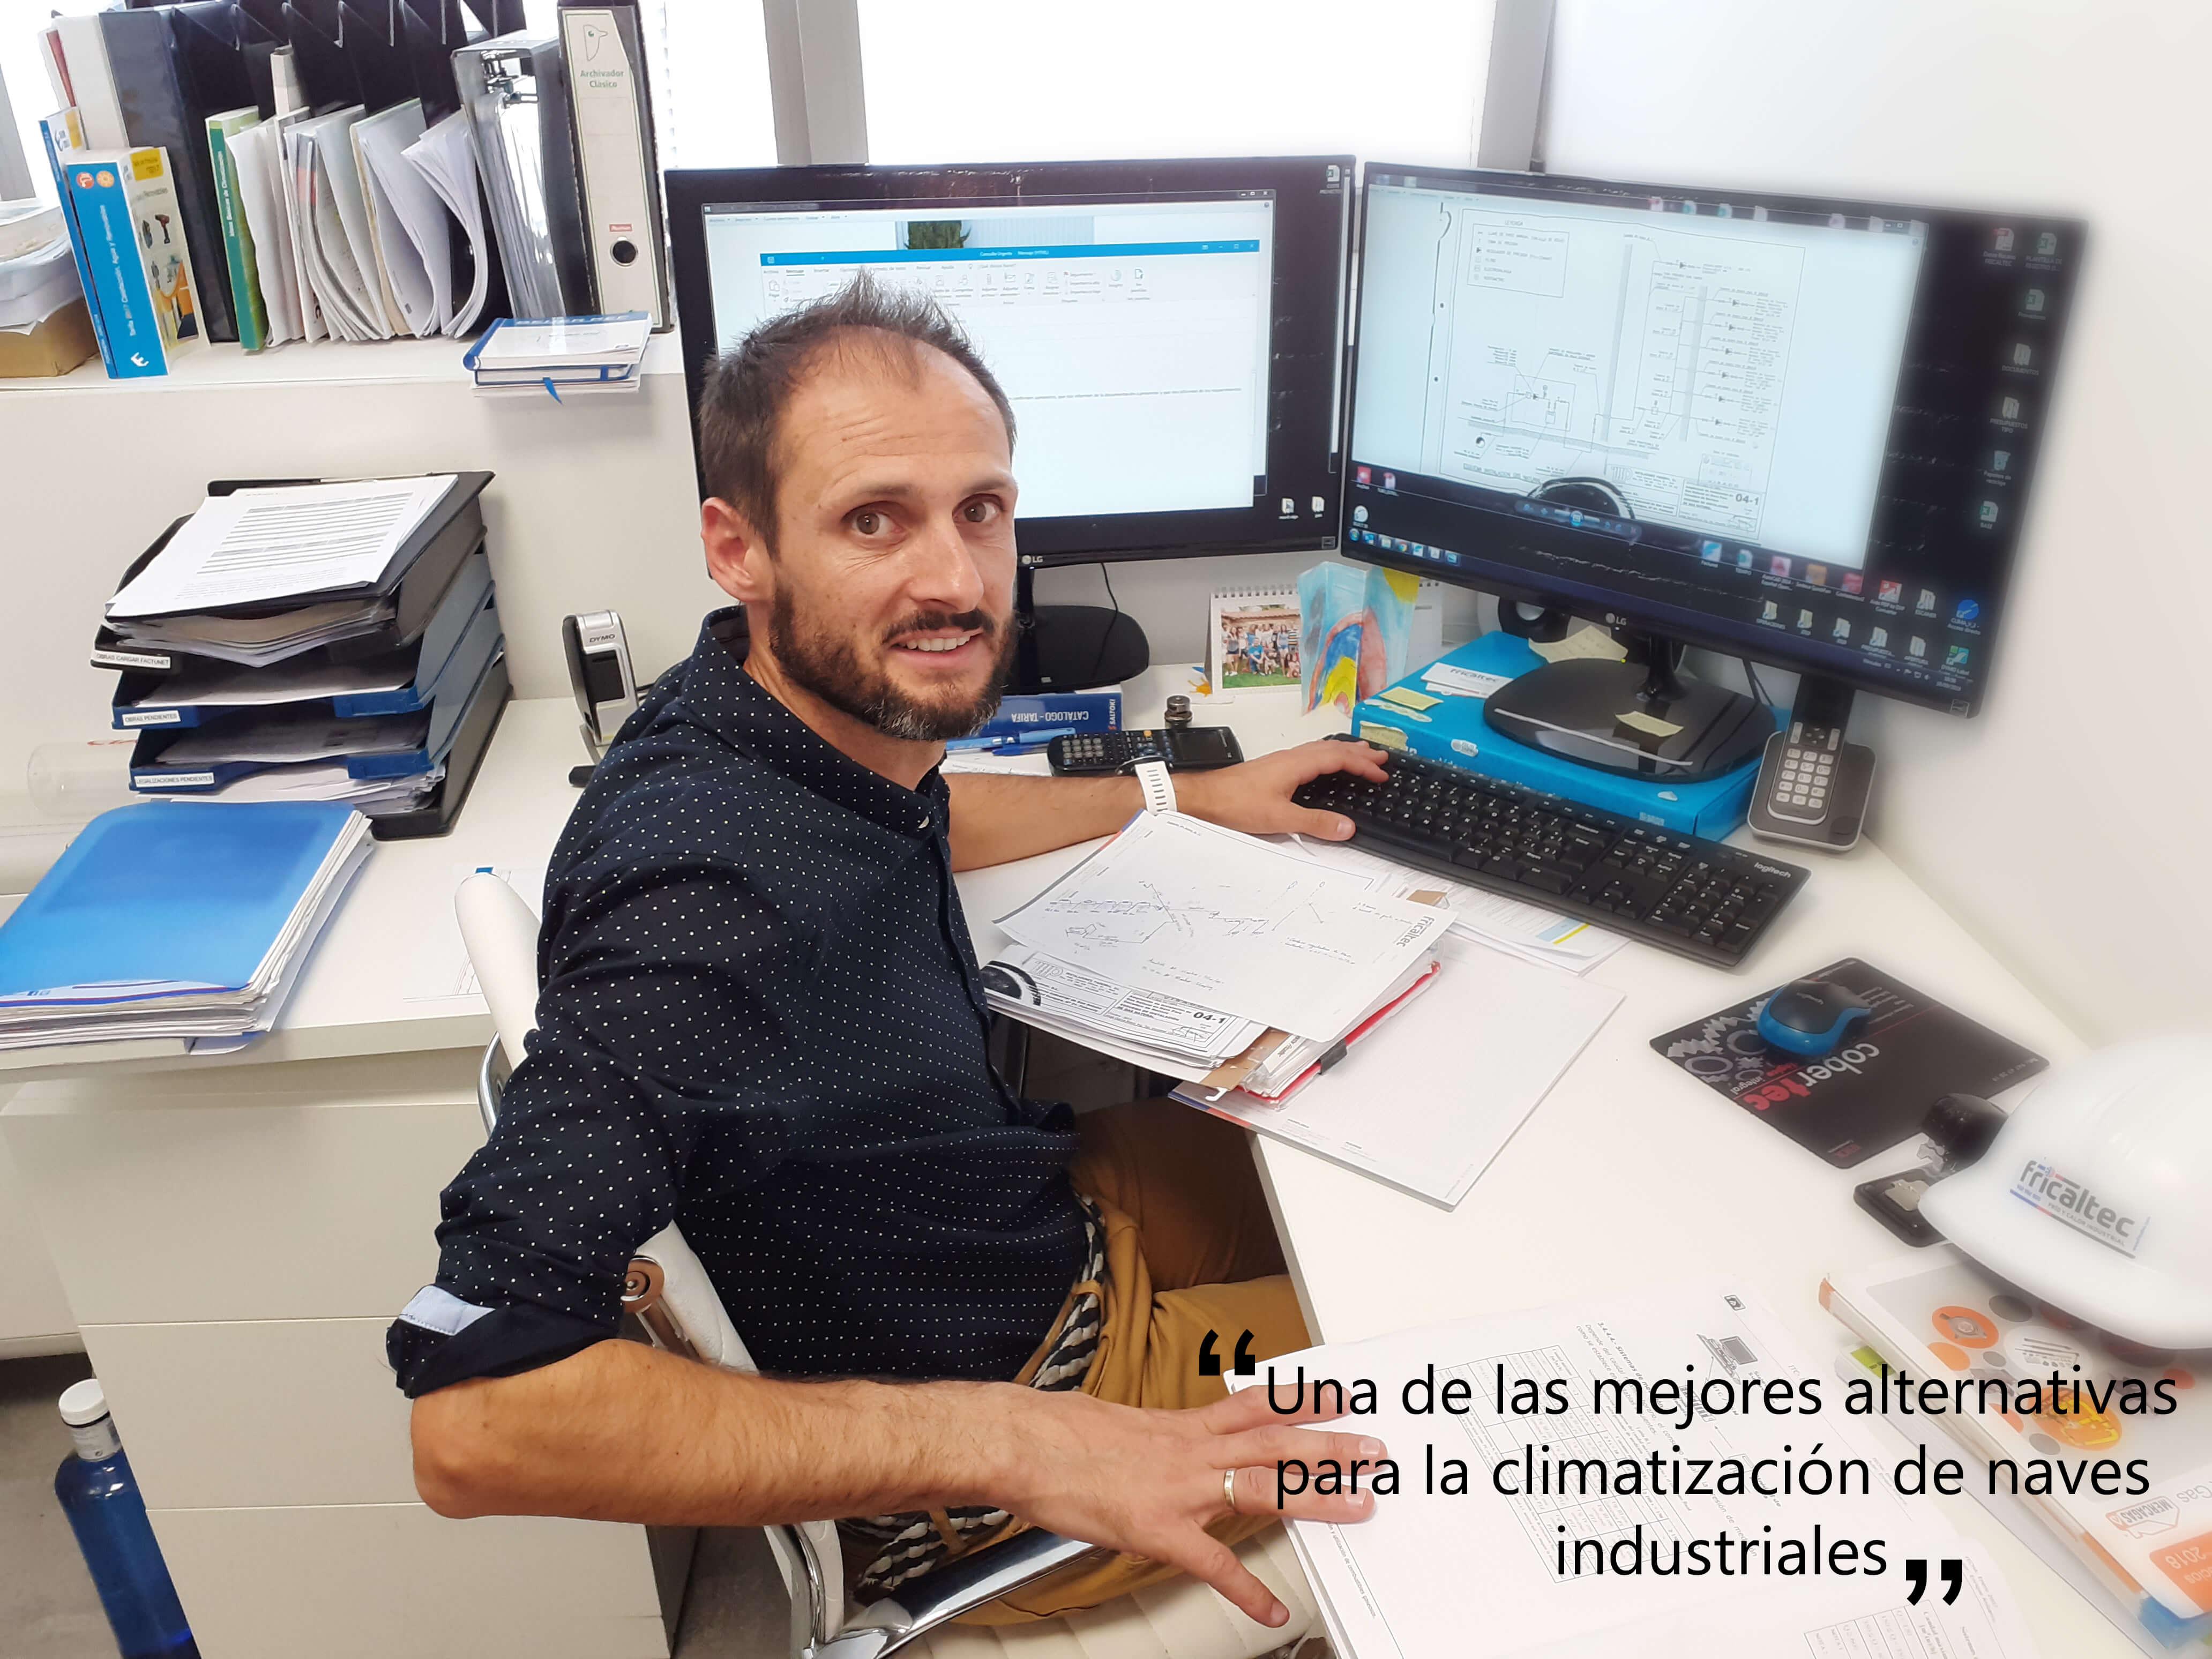 Entrevista a  Johnny Argüelles del dpto. de ingeniería de Fricaltec